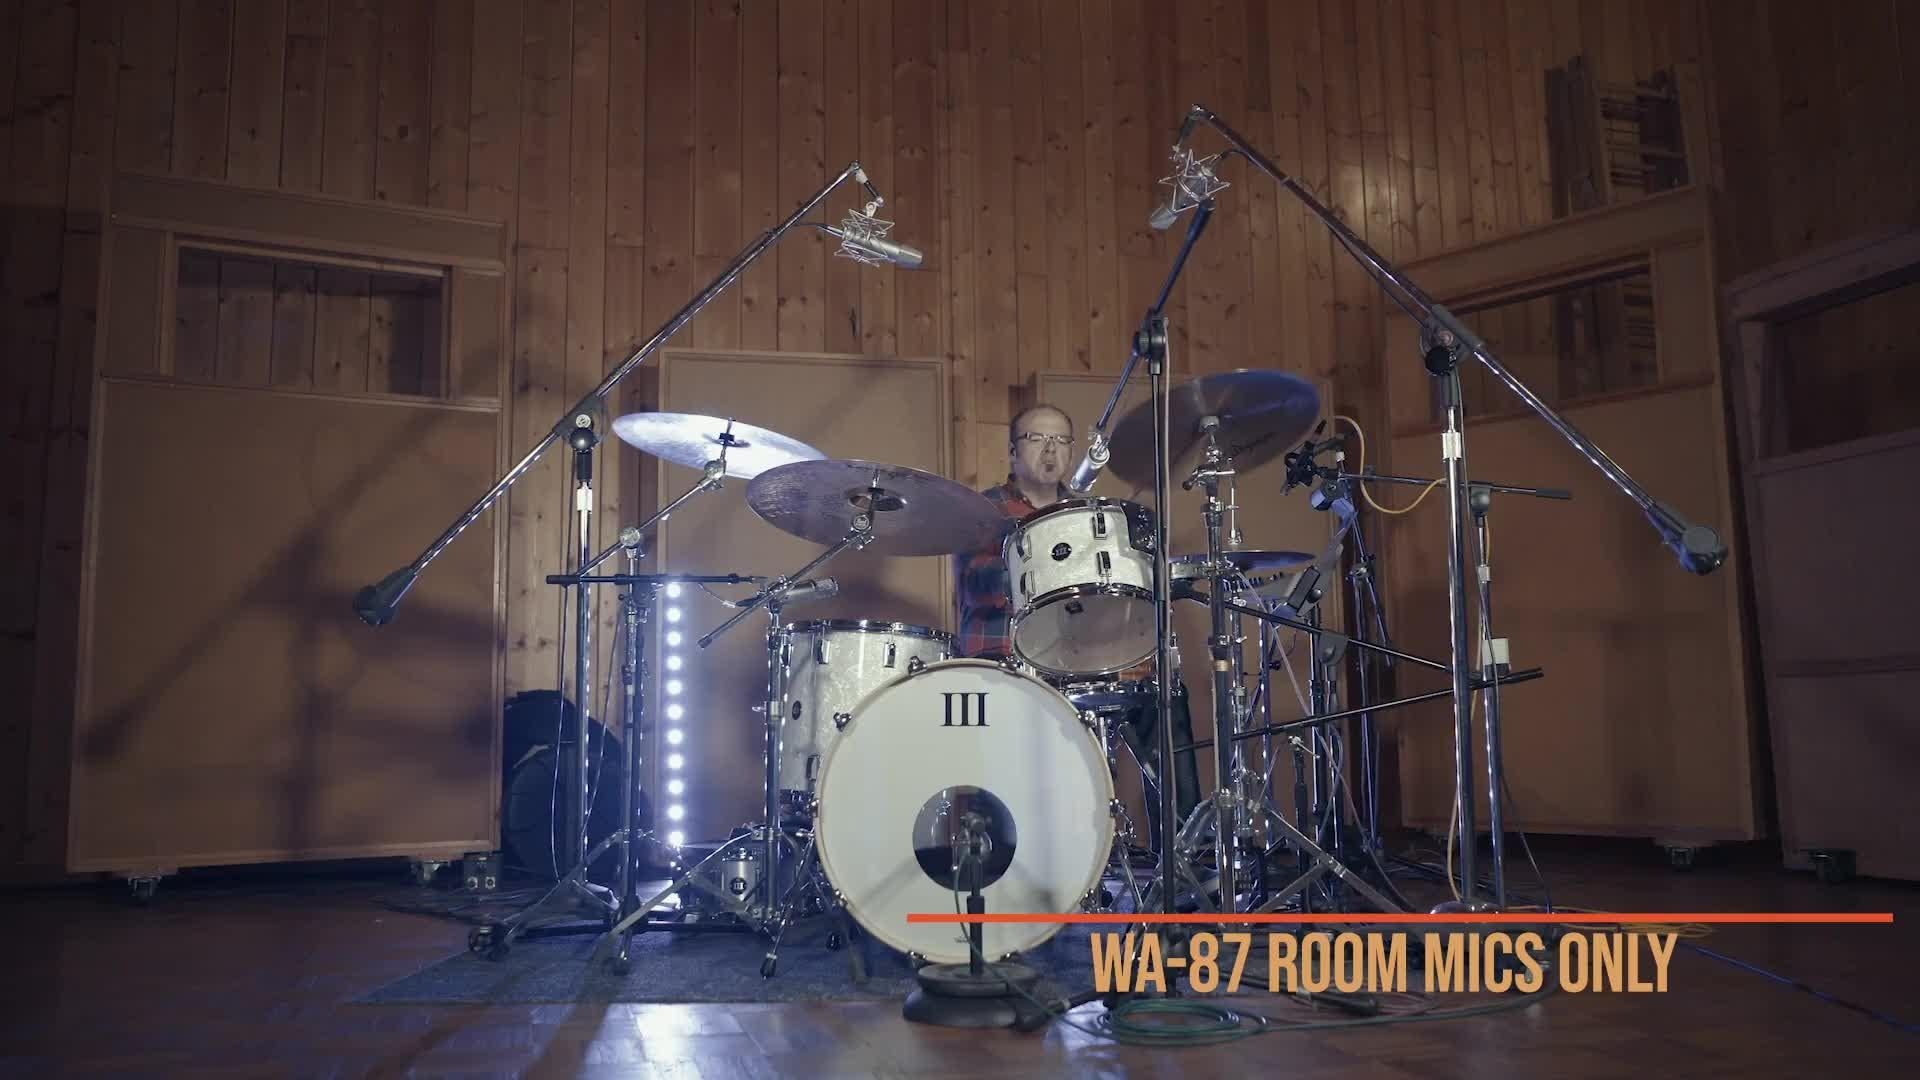 鼓房间话筒对比 - Room Mic